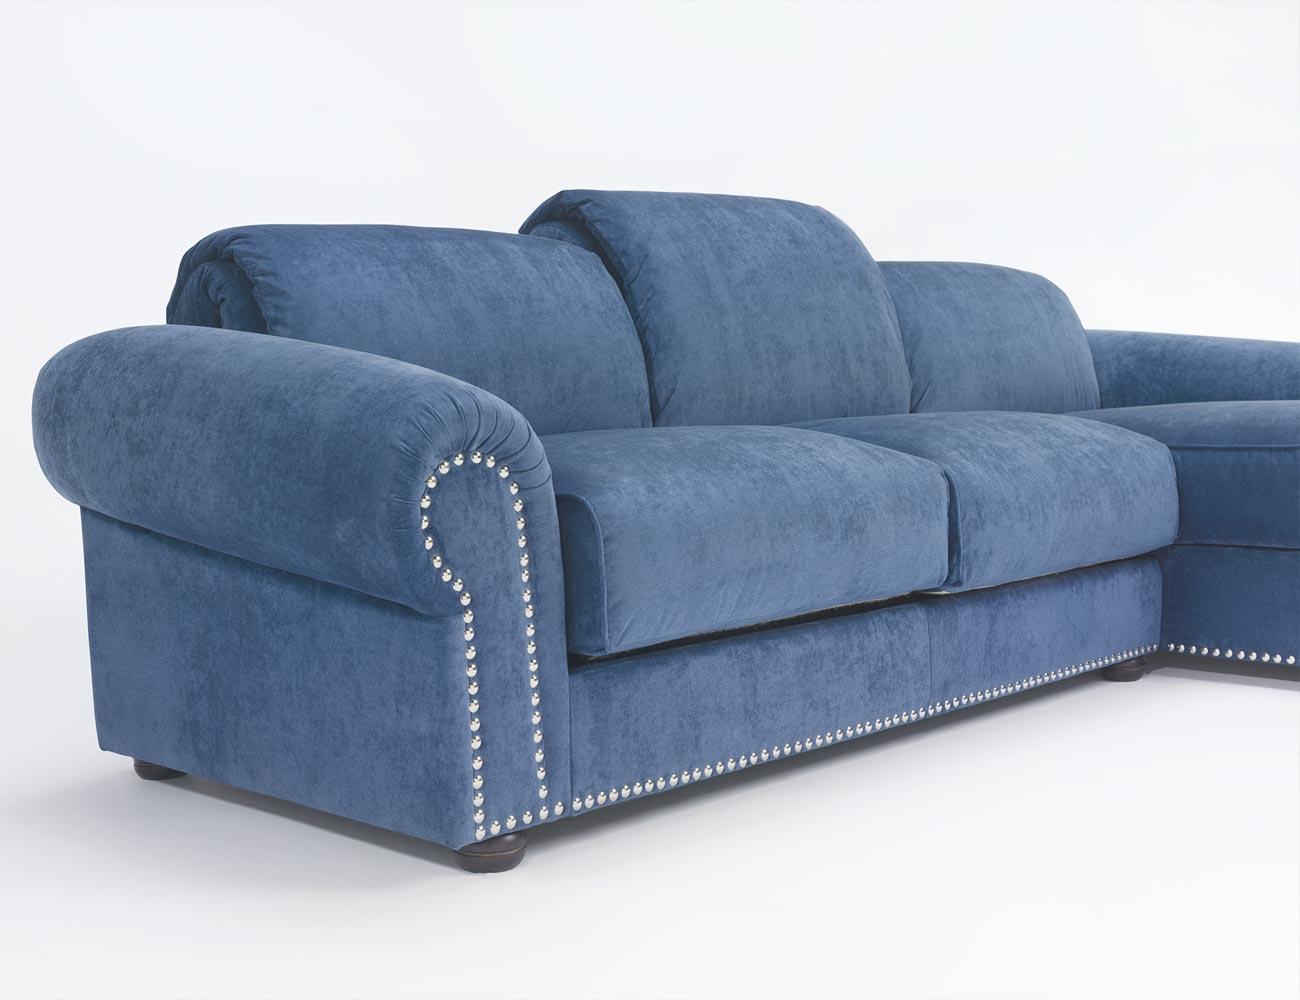 Sofa chaiselongue gran lujo decorativo azul 111